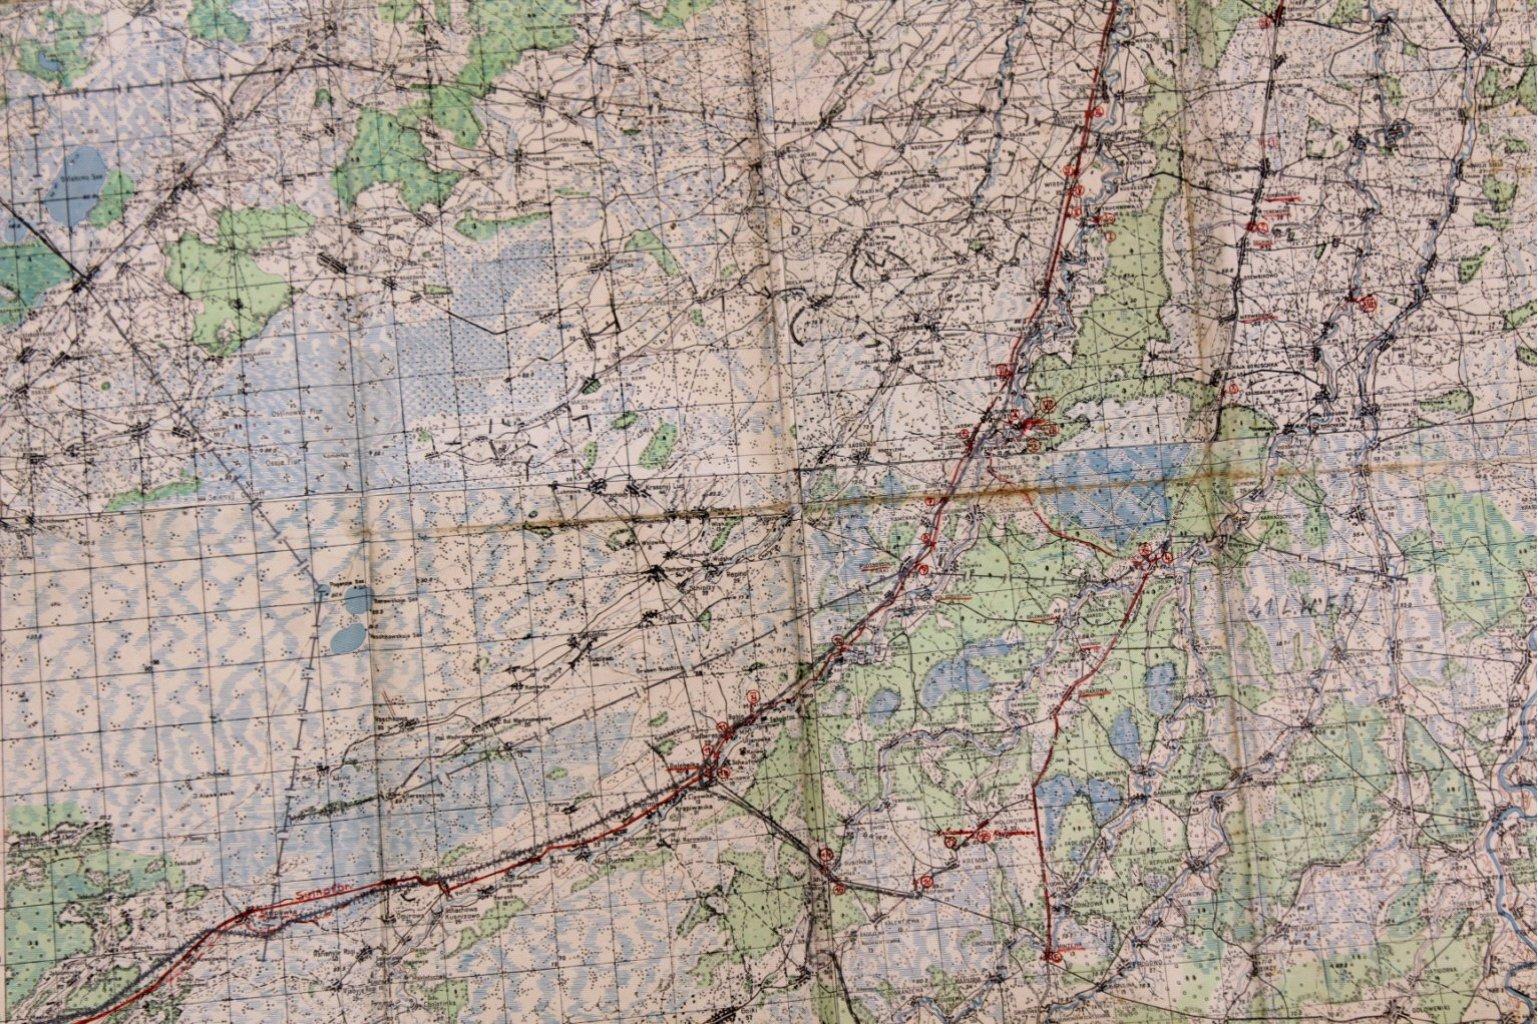 Kartennachlass Brückenbaustab 1, Brückenbau-Bataillon 683-6